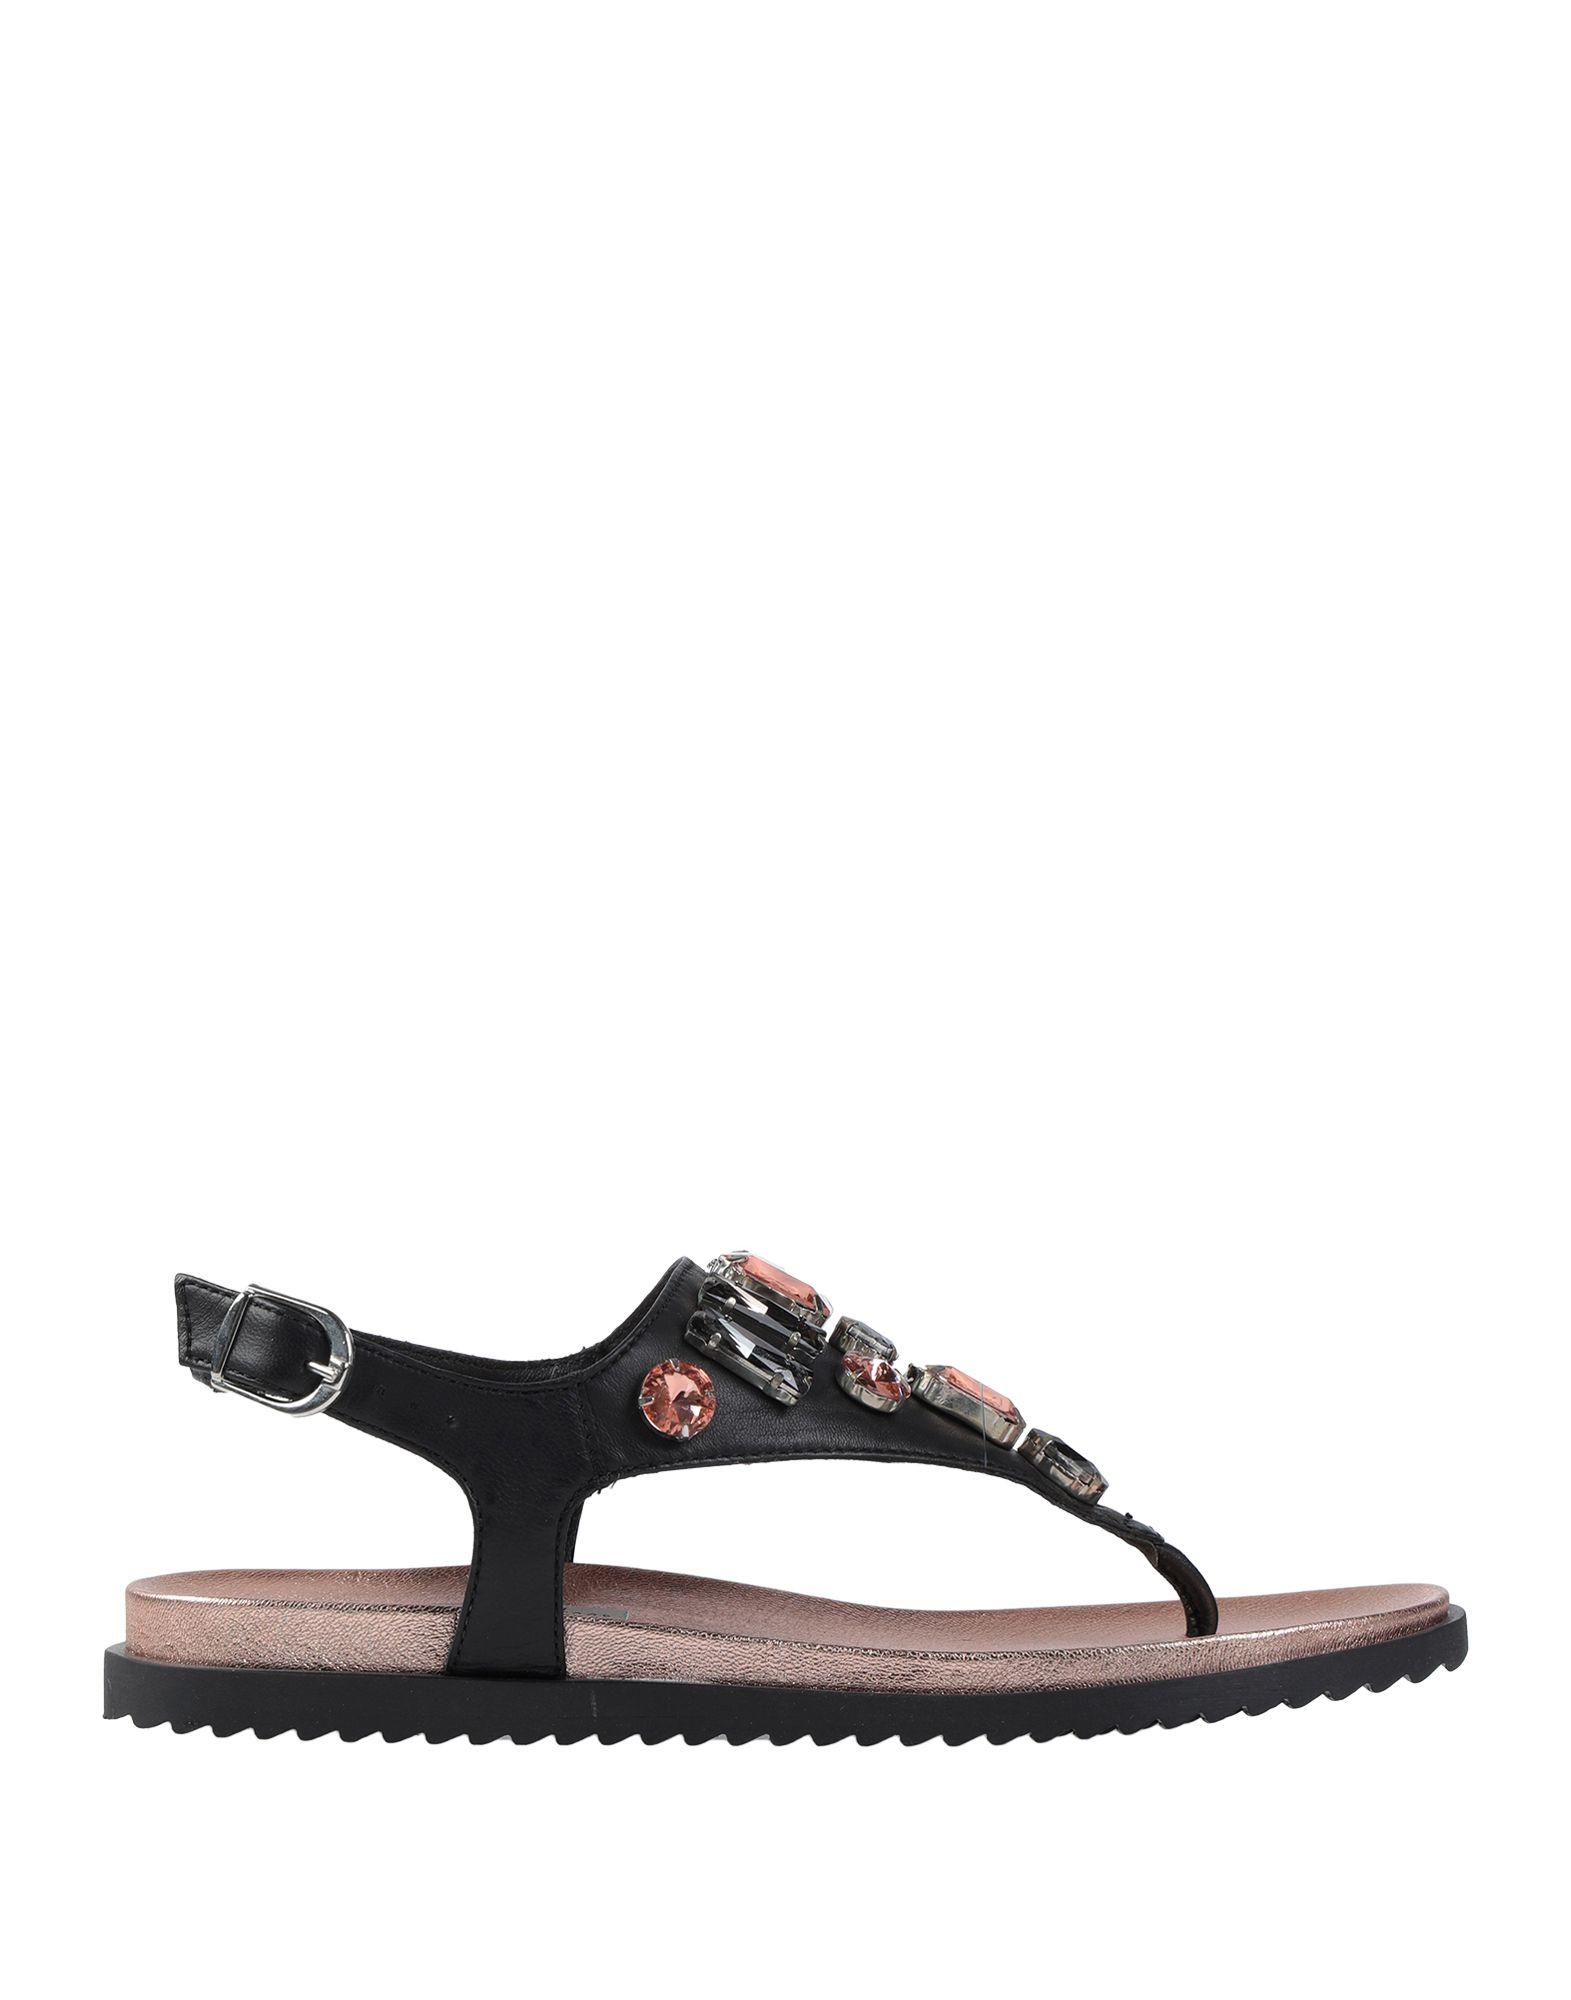 Tosca Blu Shoes Flip Flops - Women Tosca Blu on Shoes Flip Flops online on Blu  Australia - 11552955IS 4e0a9b